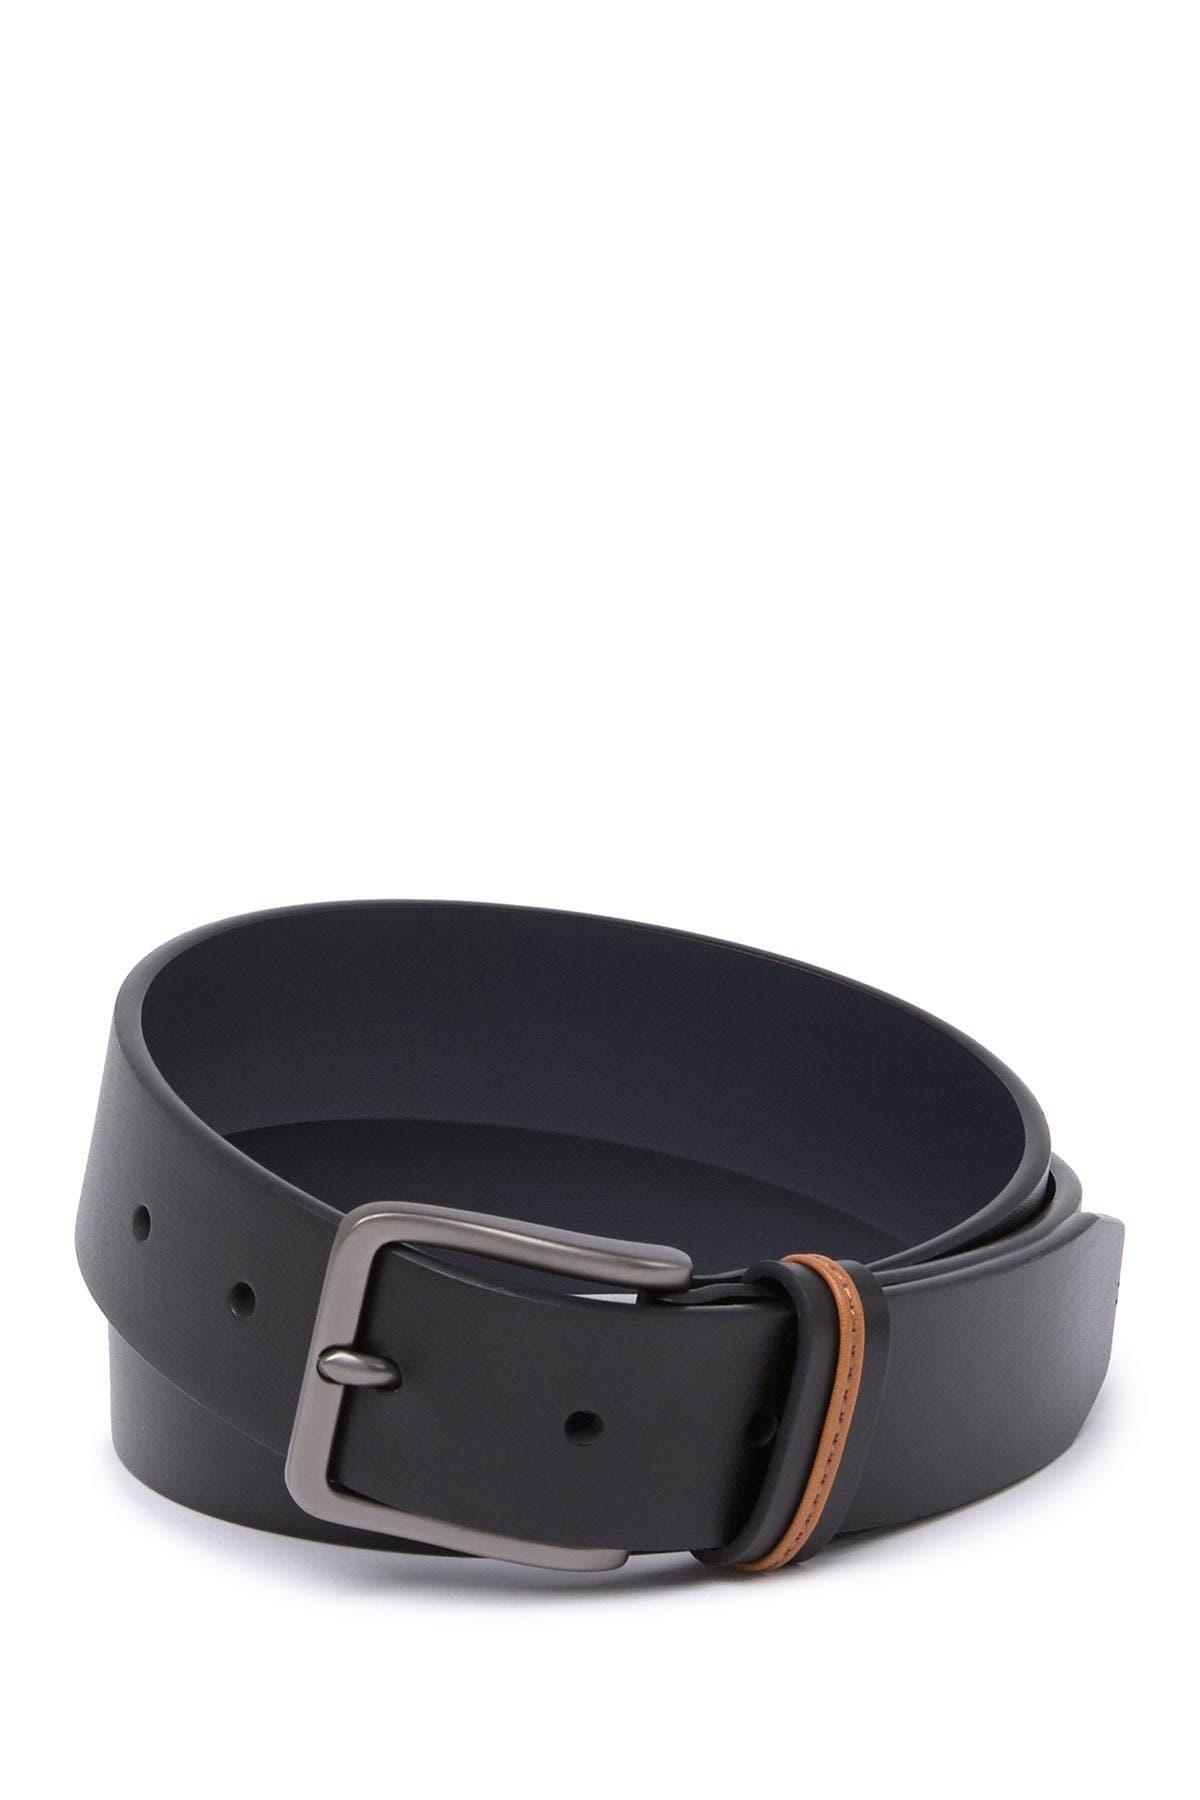 Image of Original Penguin Leather Belt